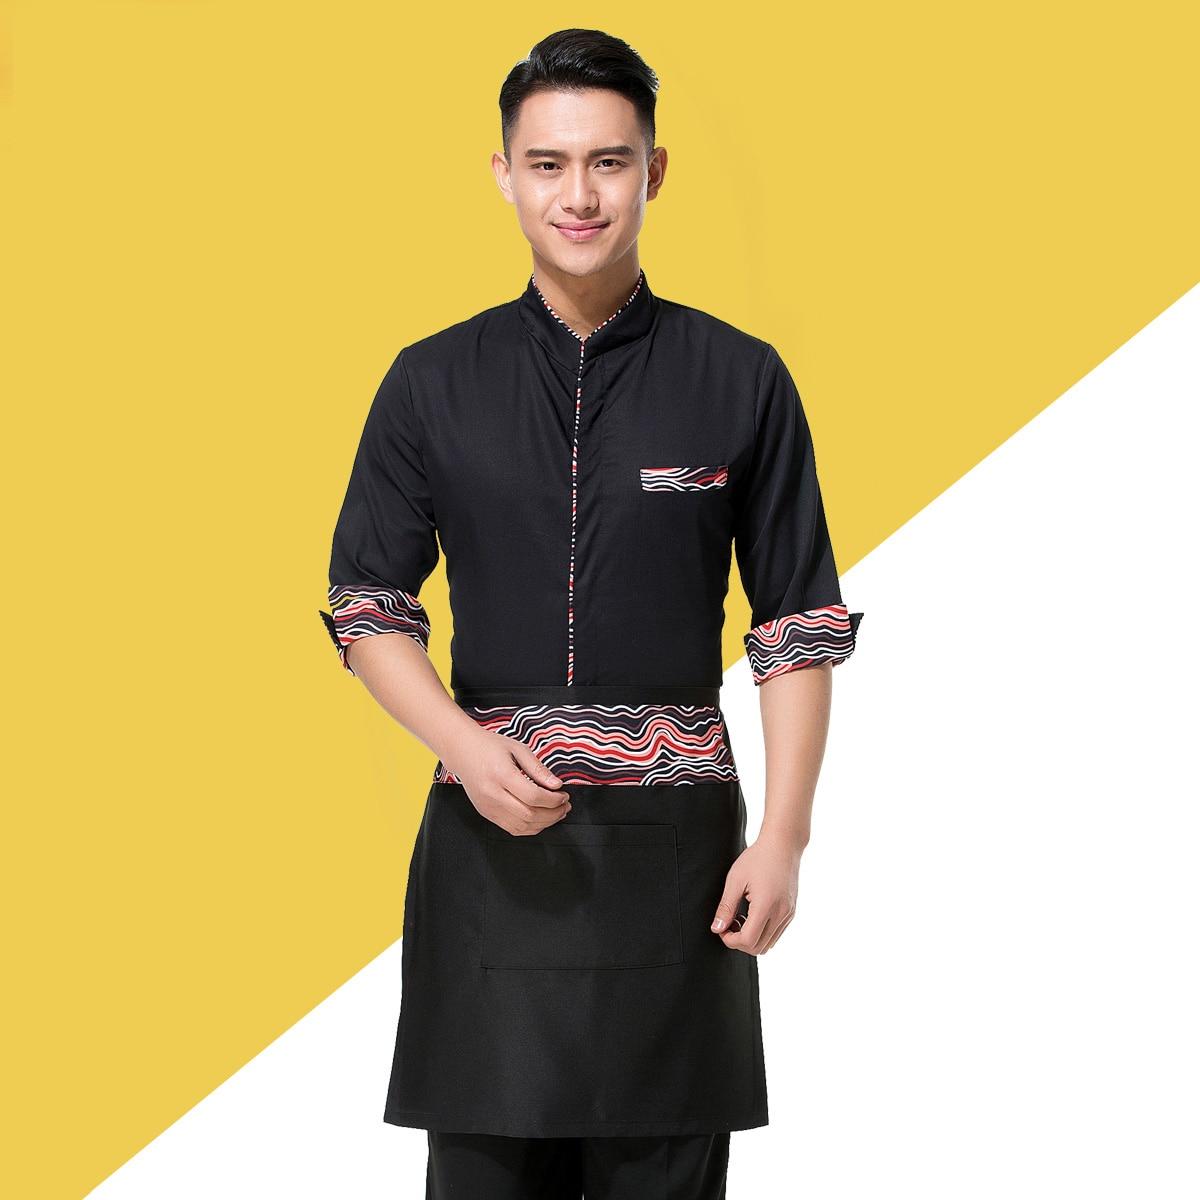 Mundur szefa kuchni zachodniej restauracji Kelner Odzież robocza z krótkim rękawem Kombinezony Odzież robocza z fartuchem